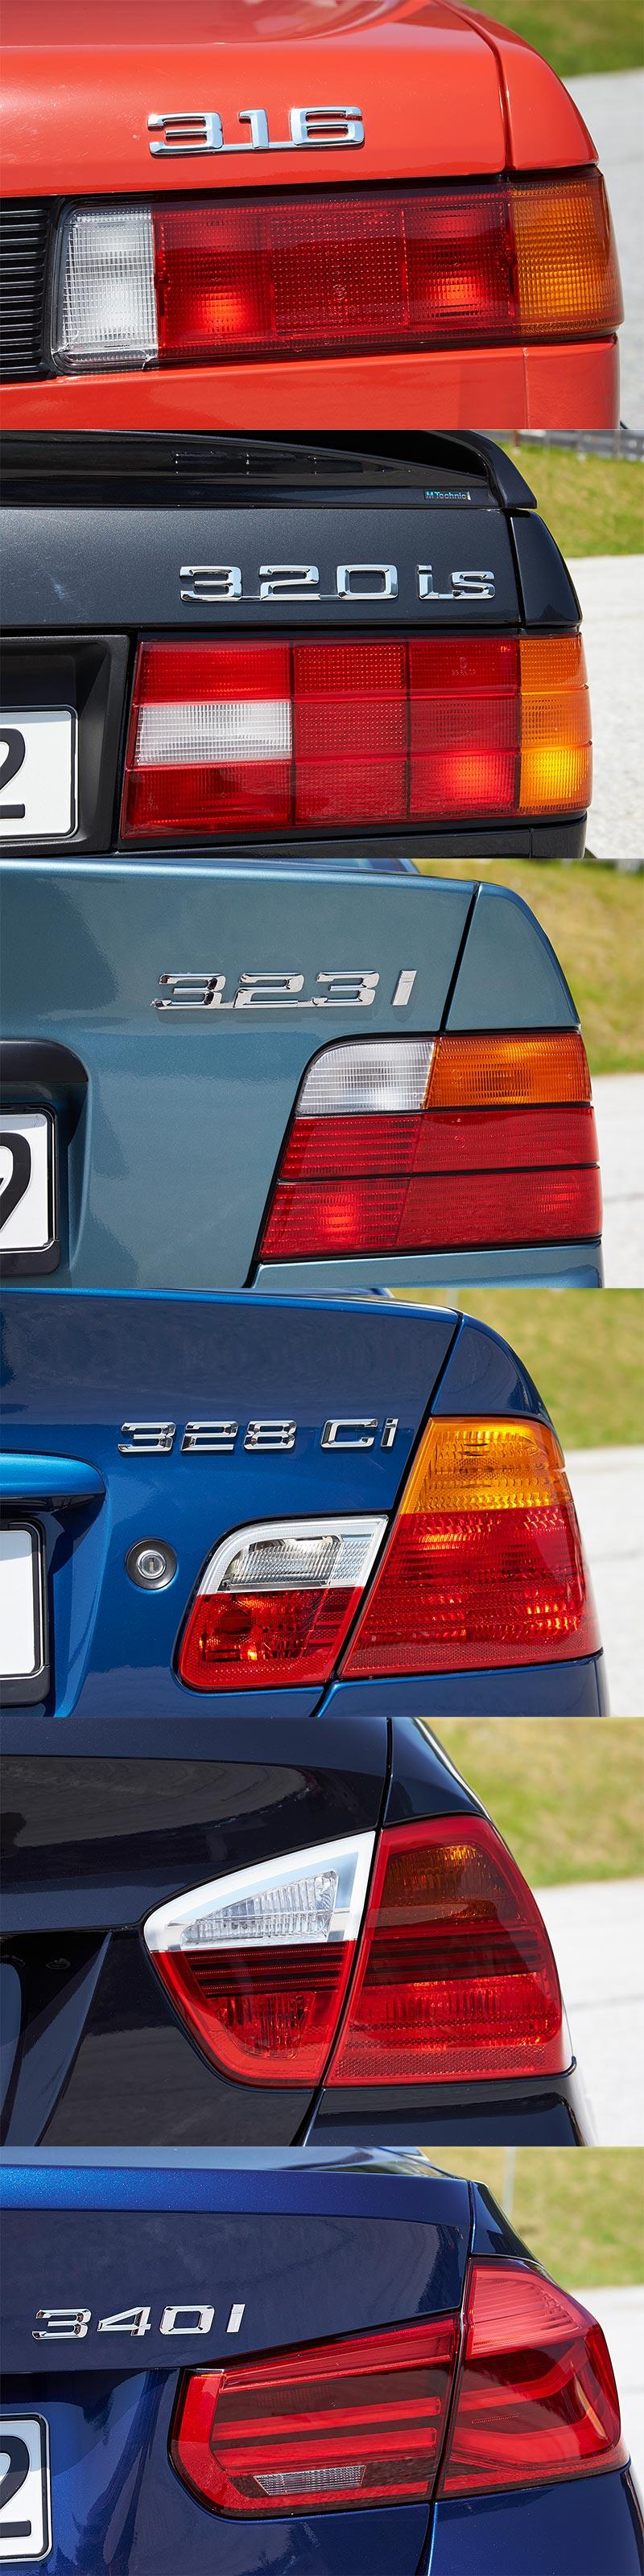 6 Generationen BMW 3er, Typbezeichnung auf der Heckklappe